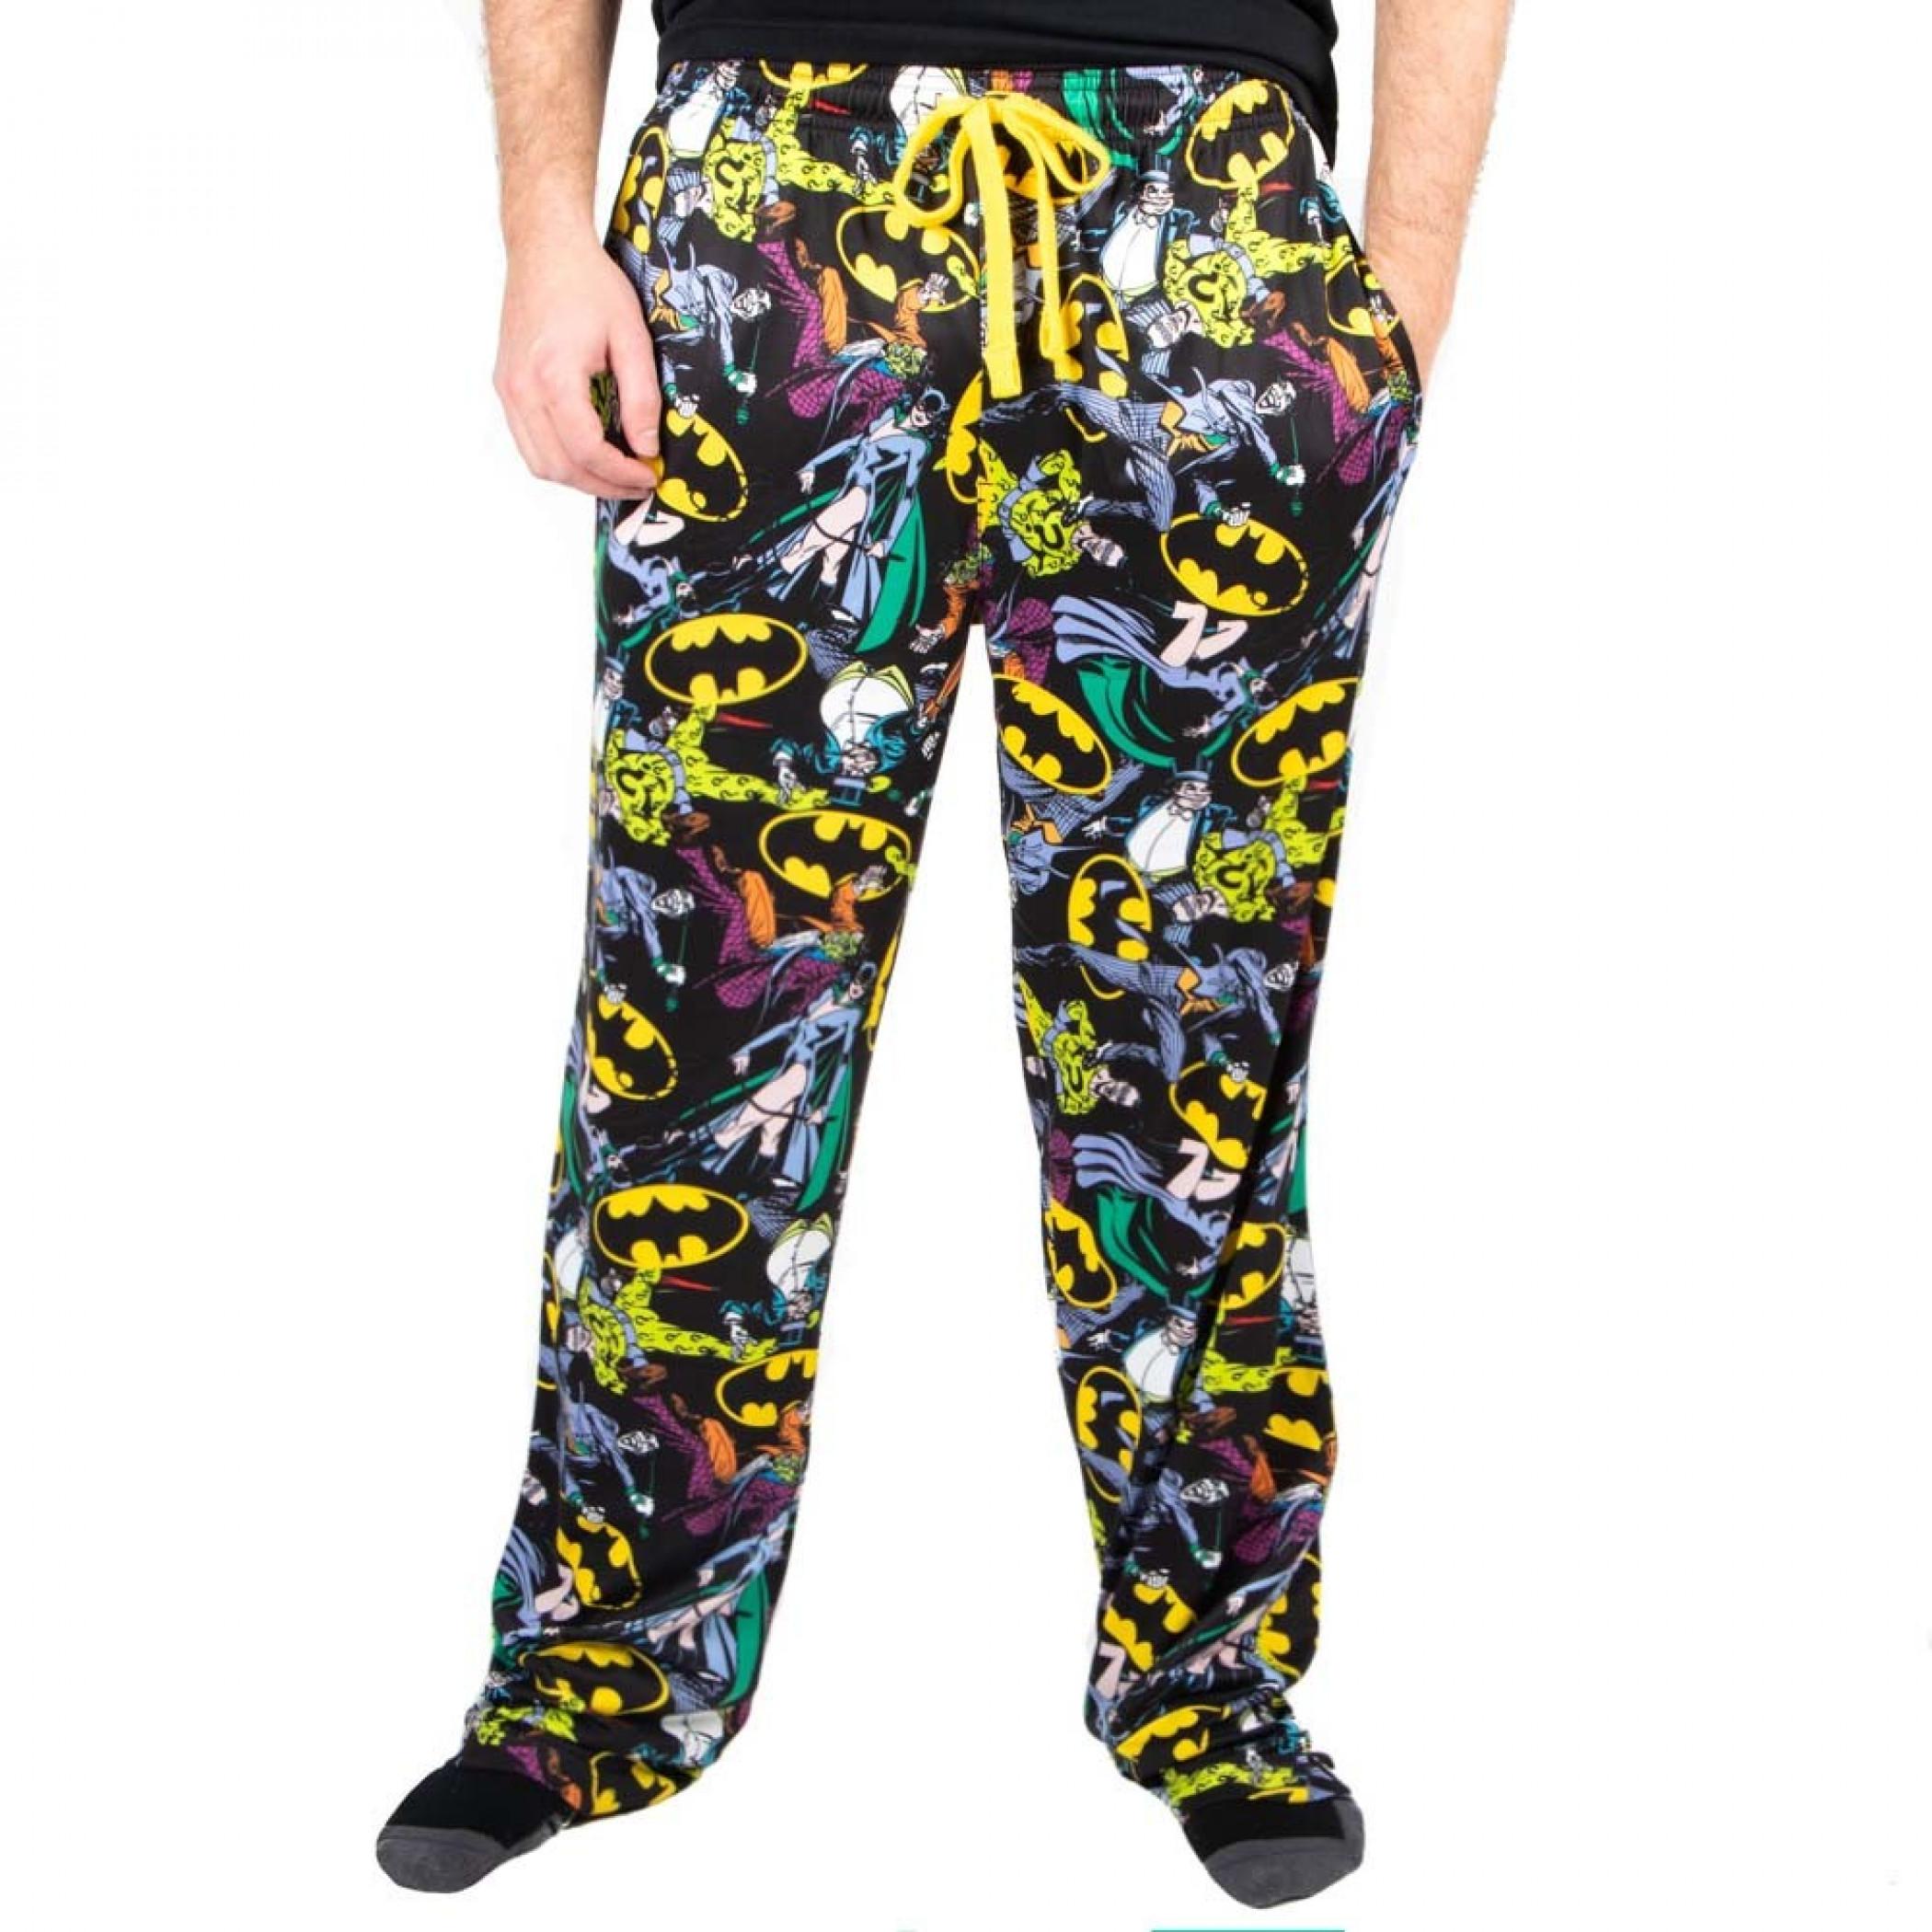 DC Comics Batman Logos and Characters All Over Print Sleep Pants